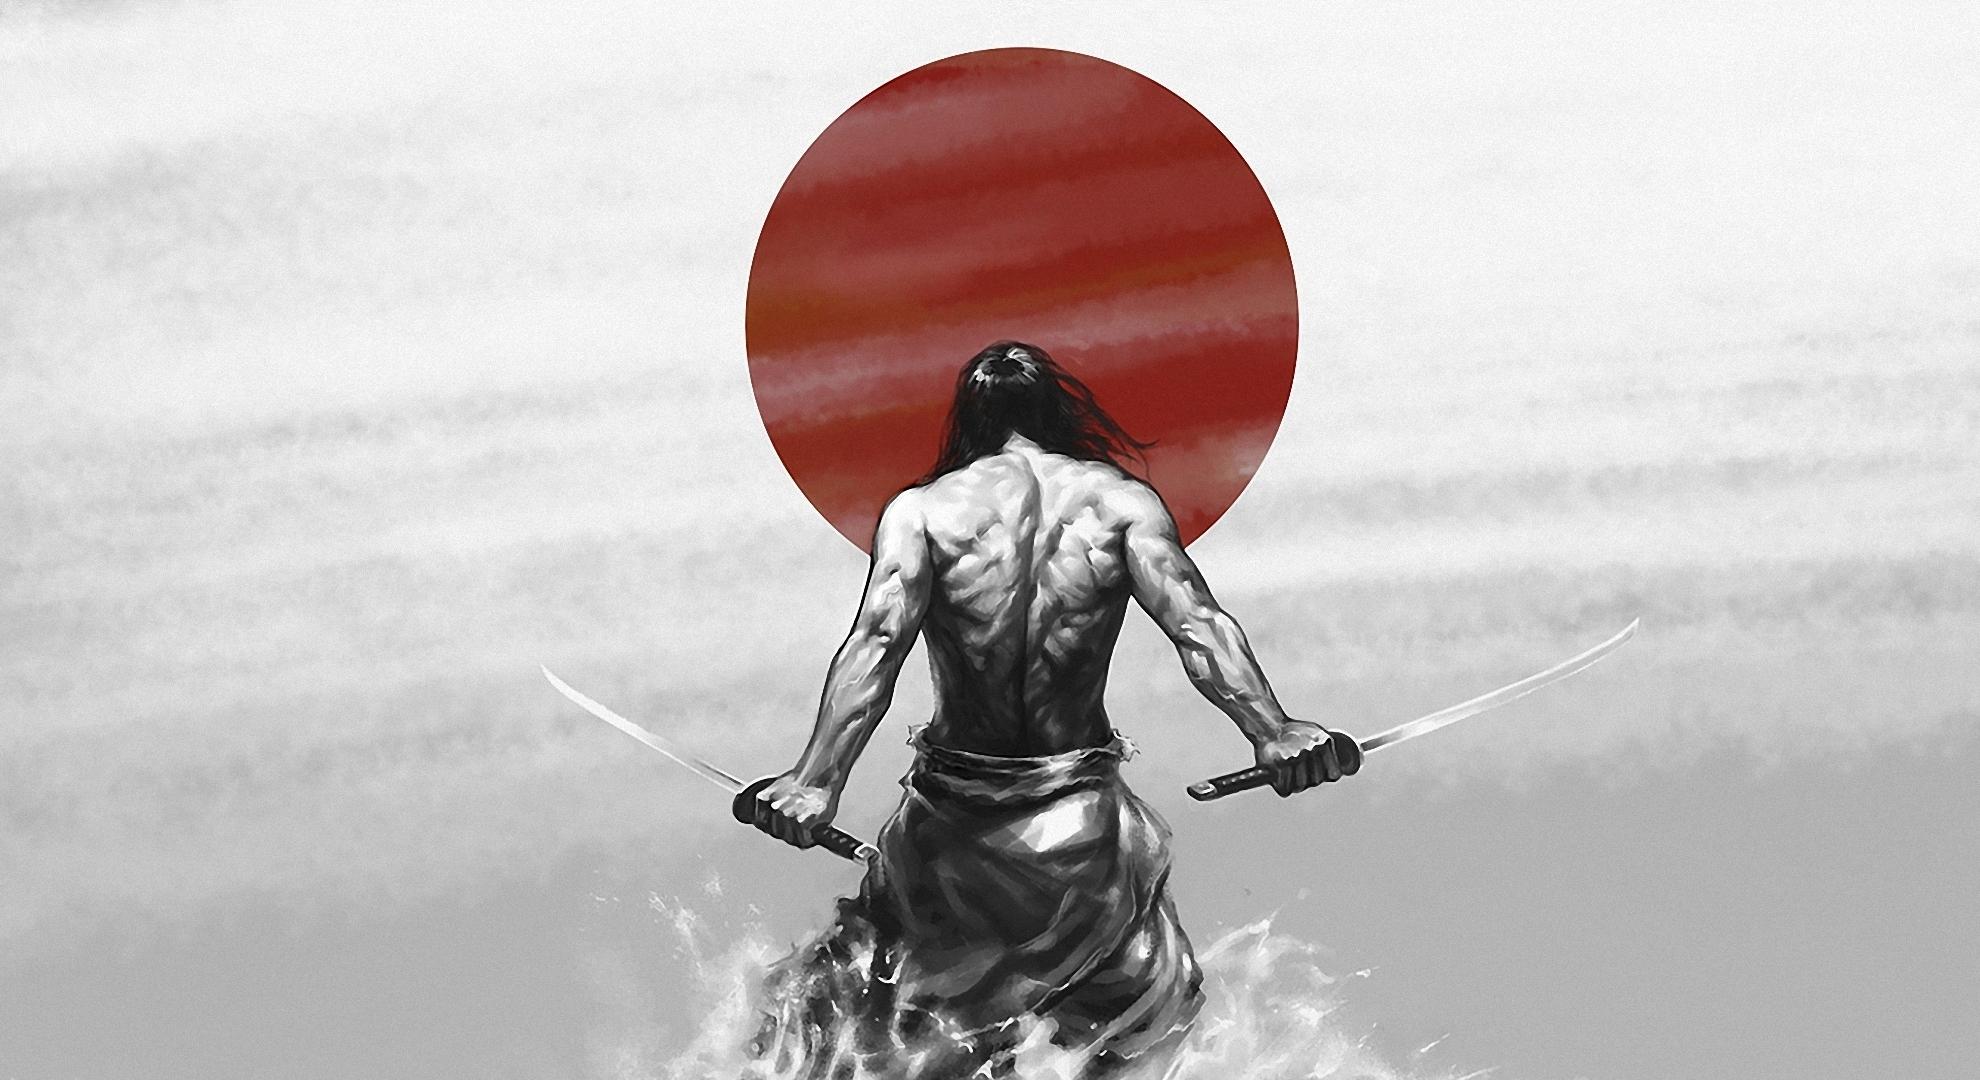 Samurai Backgrounds, Compatible - PC, Mobile, Gadgets| 1980x1080 px